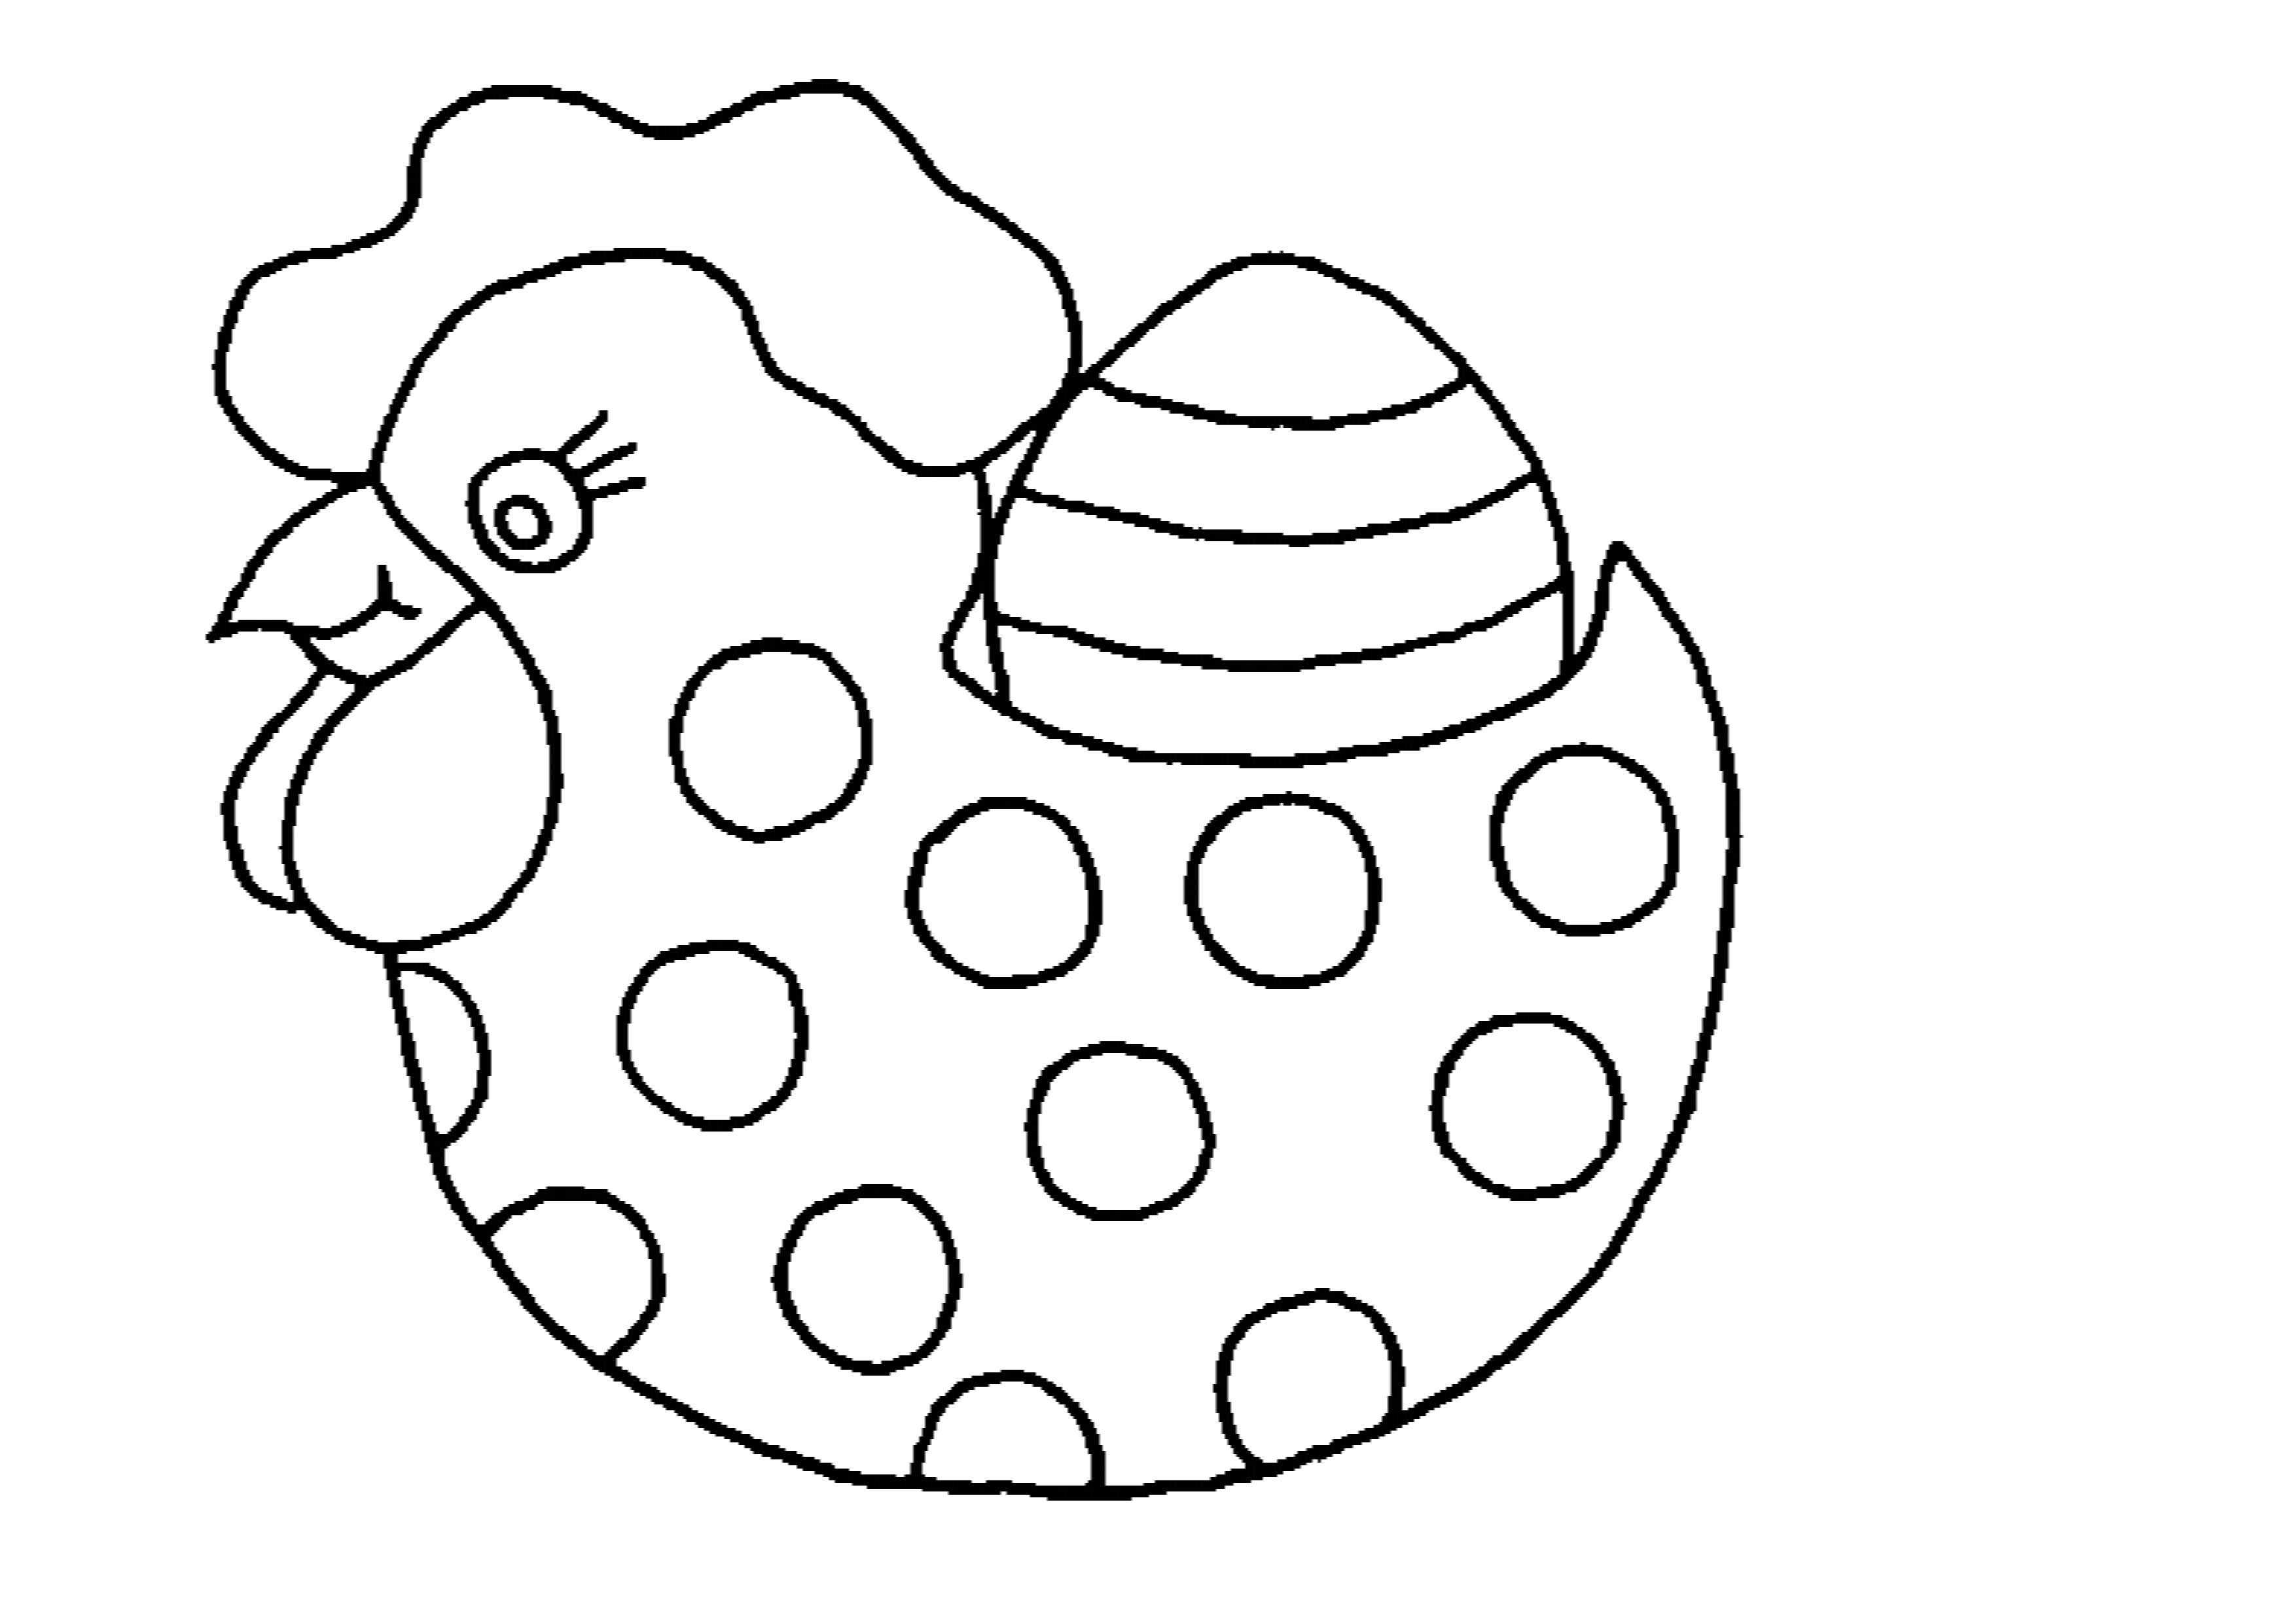 20 dessins de coloriage poule de paques imprimer - Modele oeuf de paques a imprimer ...